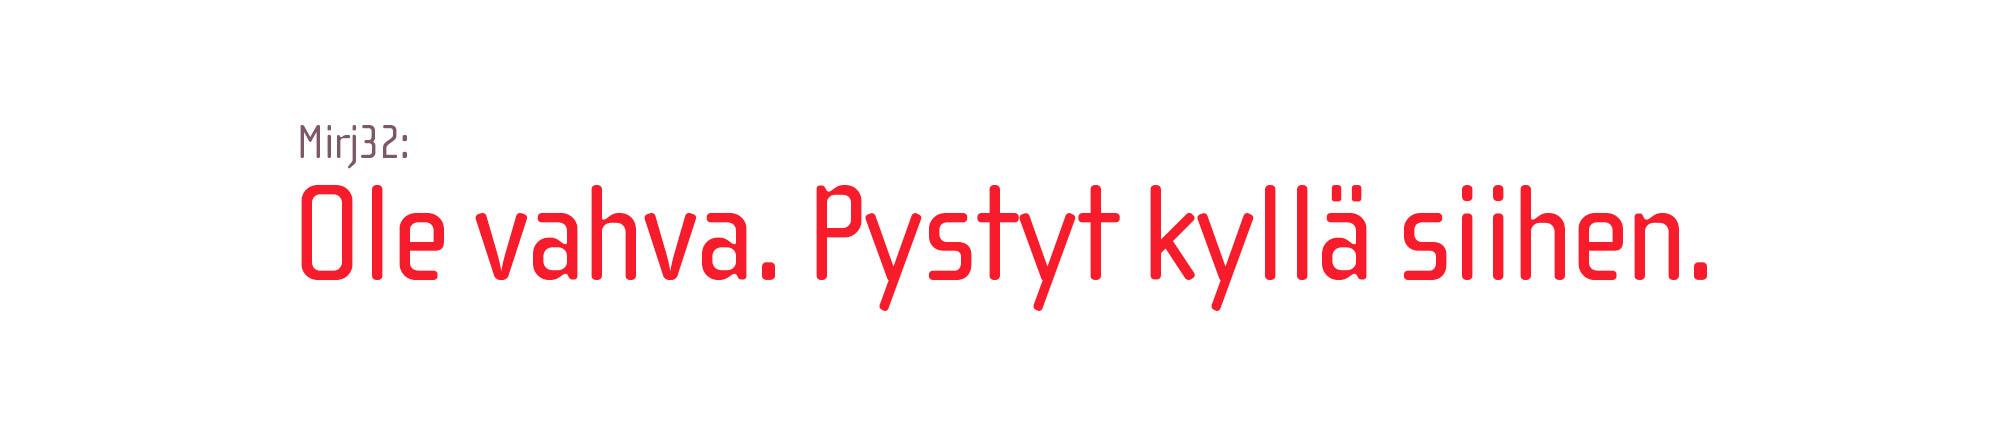 syopis_tuhkalapset_5